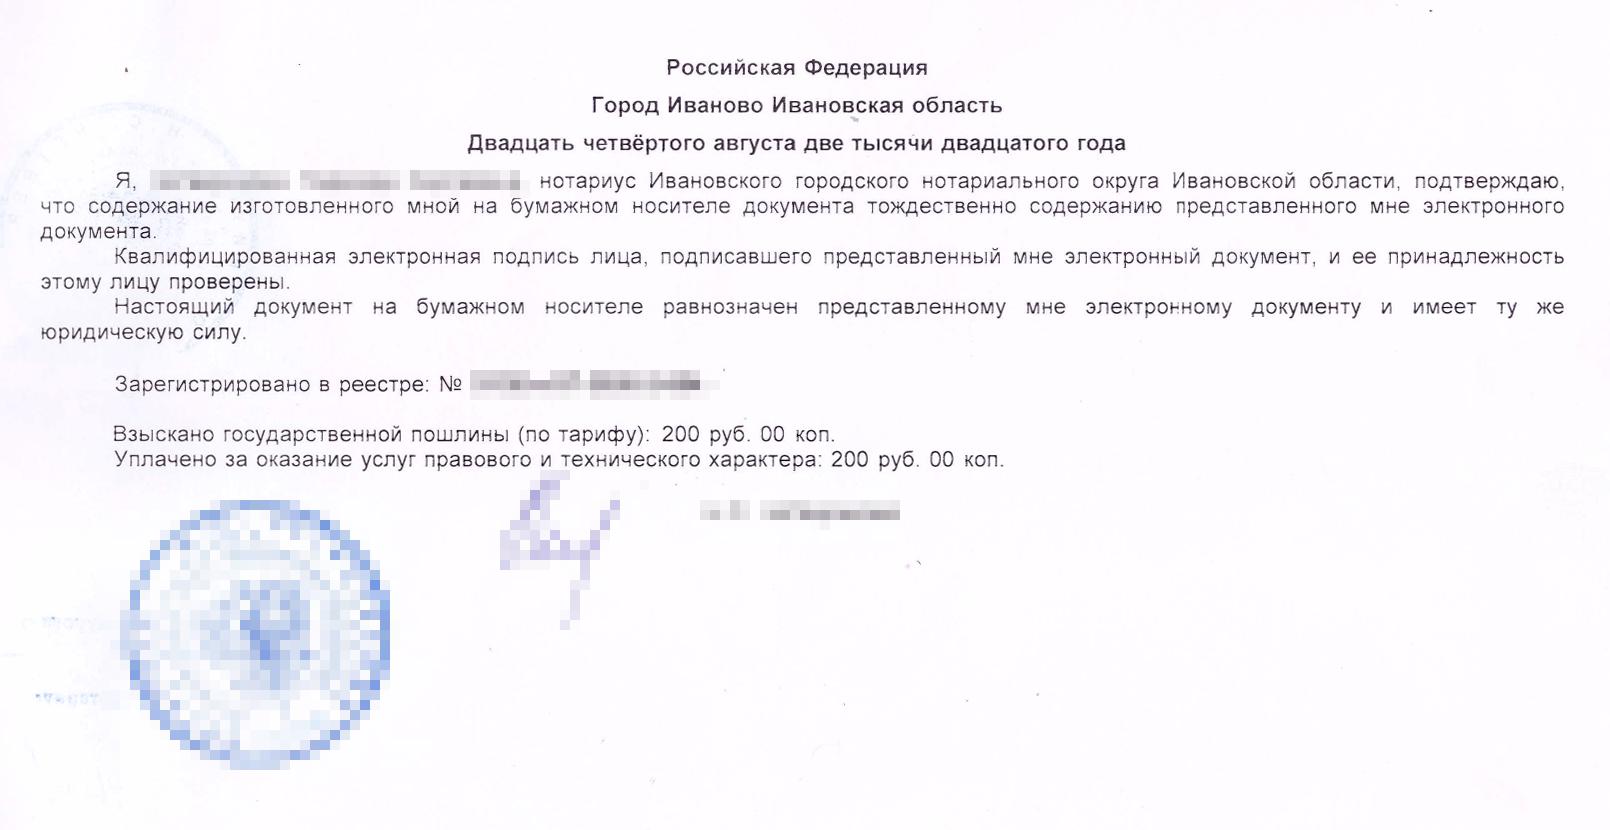 Выписку из ЕГРН заверила сама нотариус, таккак получила ее в электронном варианте